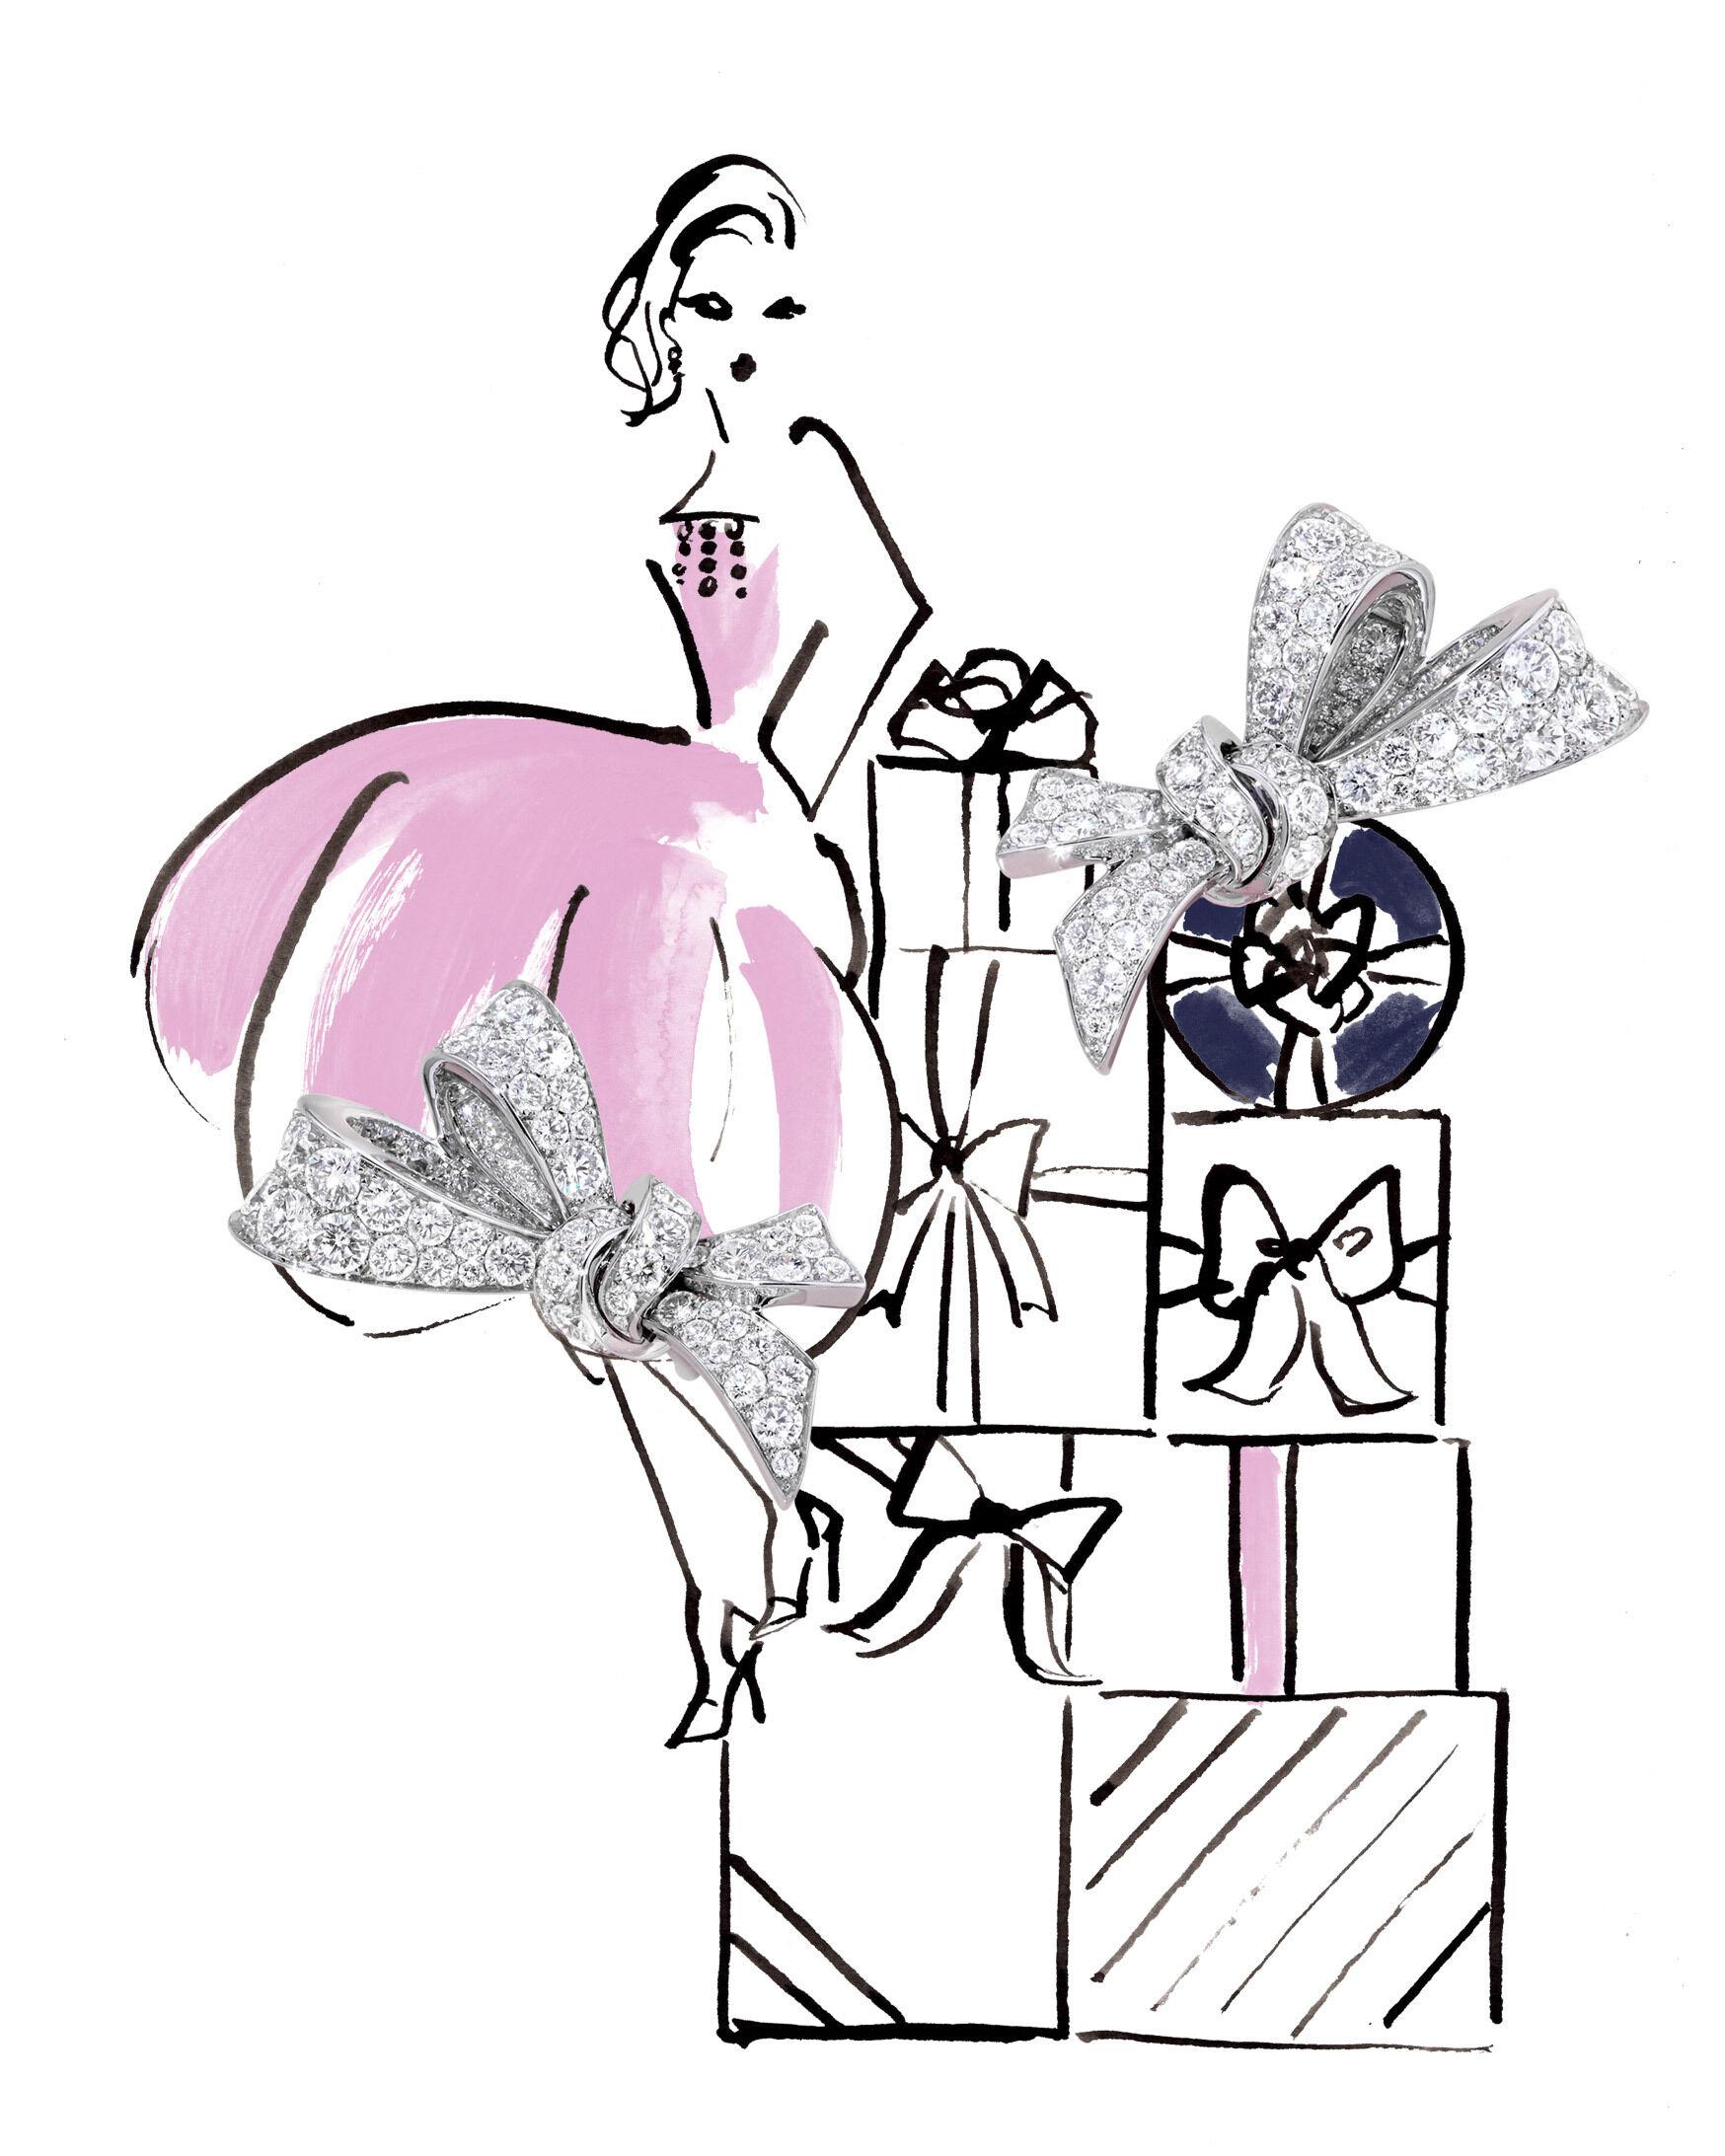 Model wear the Graff Jewellery collection diamond earrings